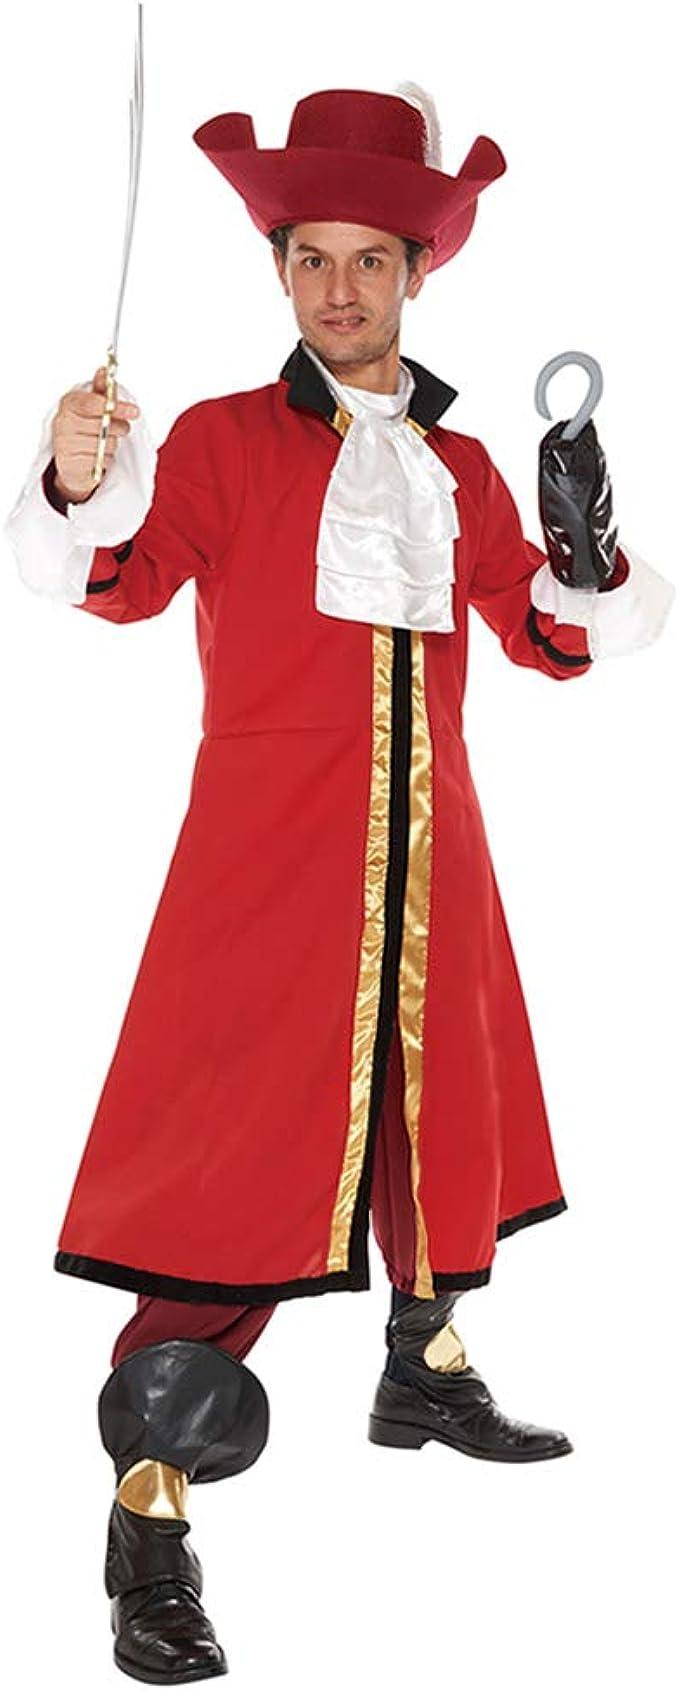 Disfraz de Peter Pan de Disney, Disfraz de Capitán Garfio, tamaño ...